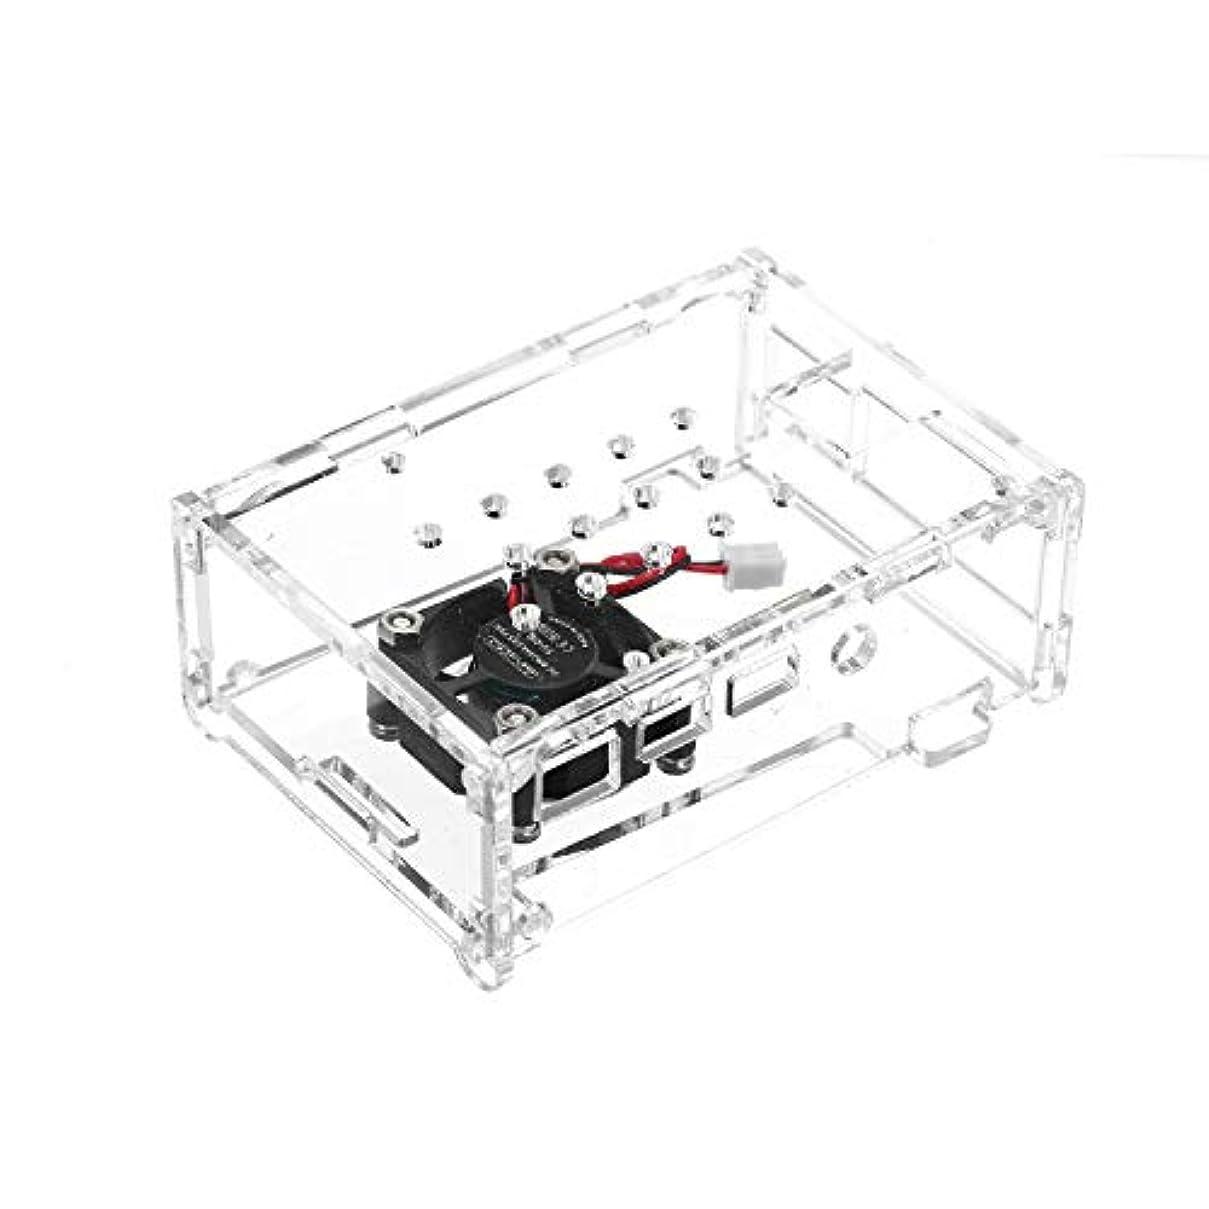 ベンチャー試み類似性KKmoon Raspberry Pi 3&2モデル B 透明アクリルケース 冷却ファンヒートシンク付き Raspberry PiモデルB 用